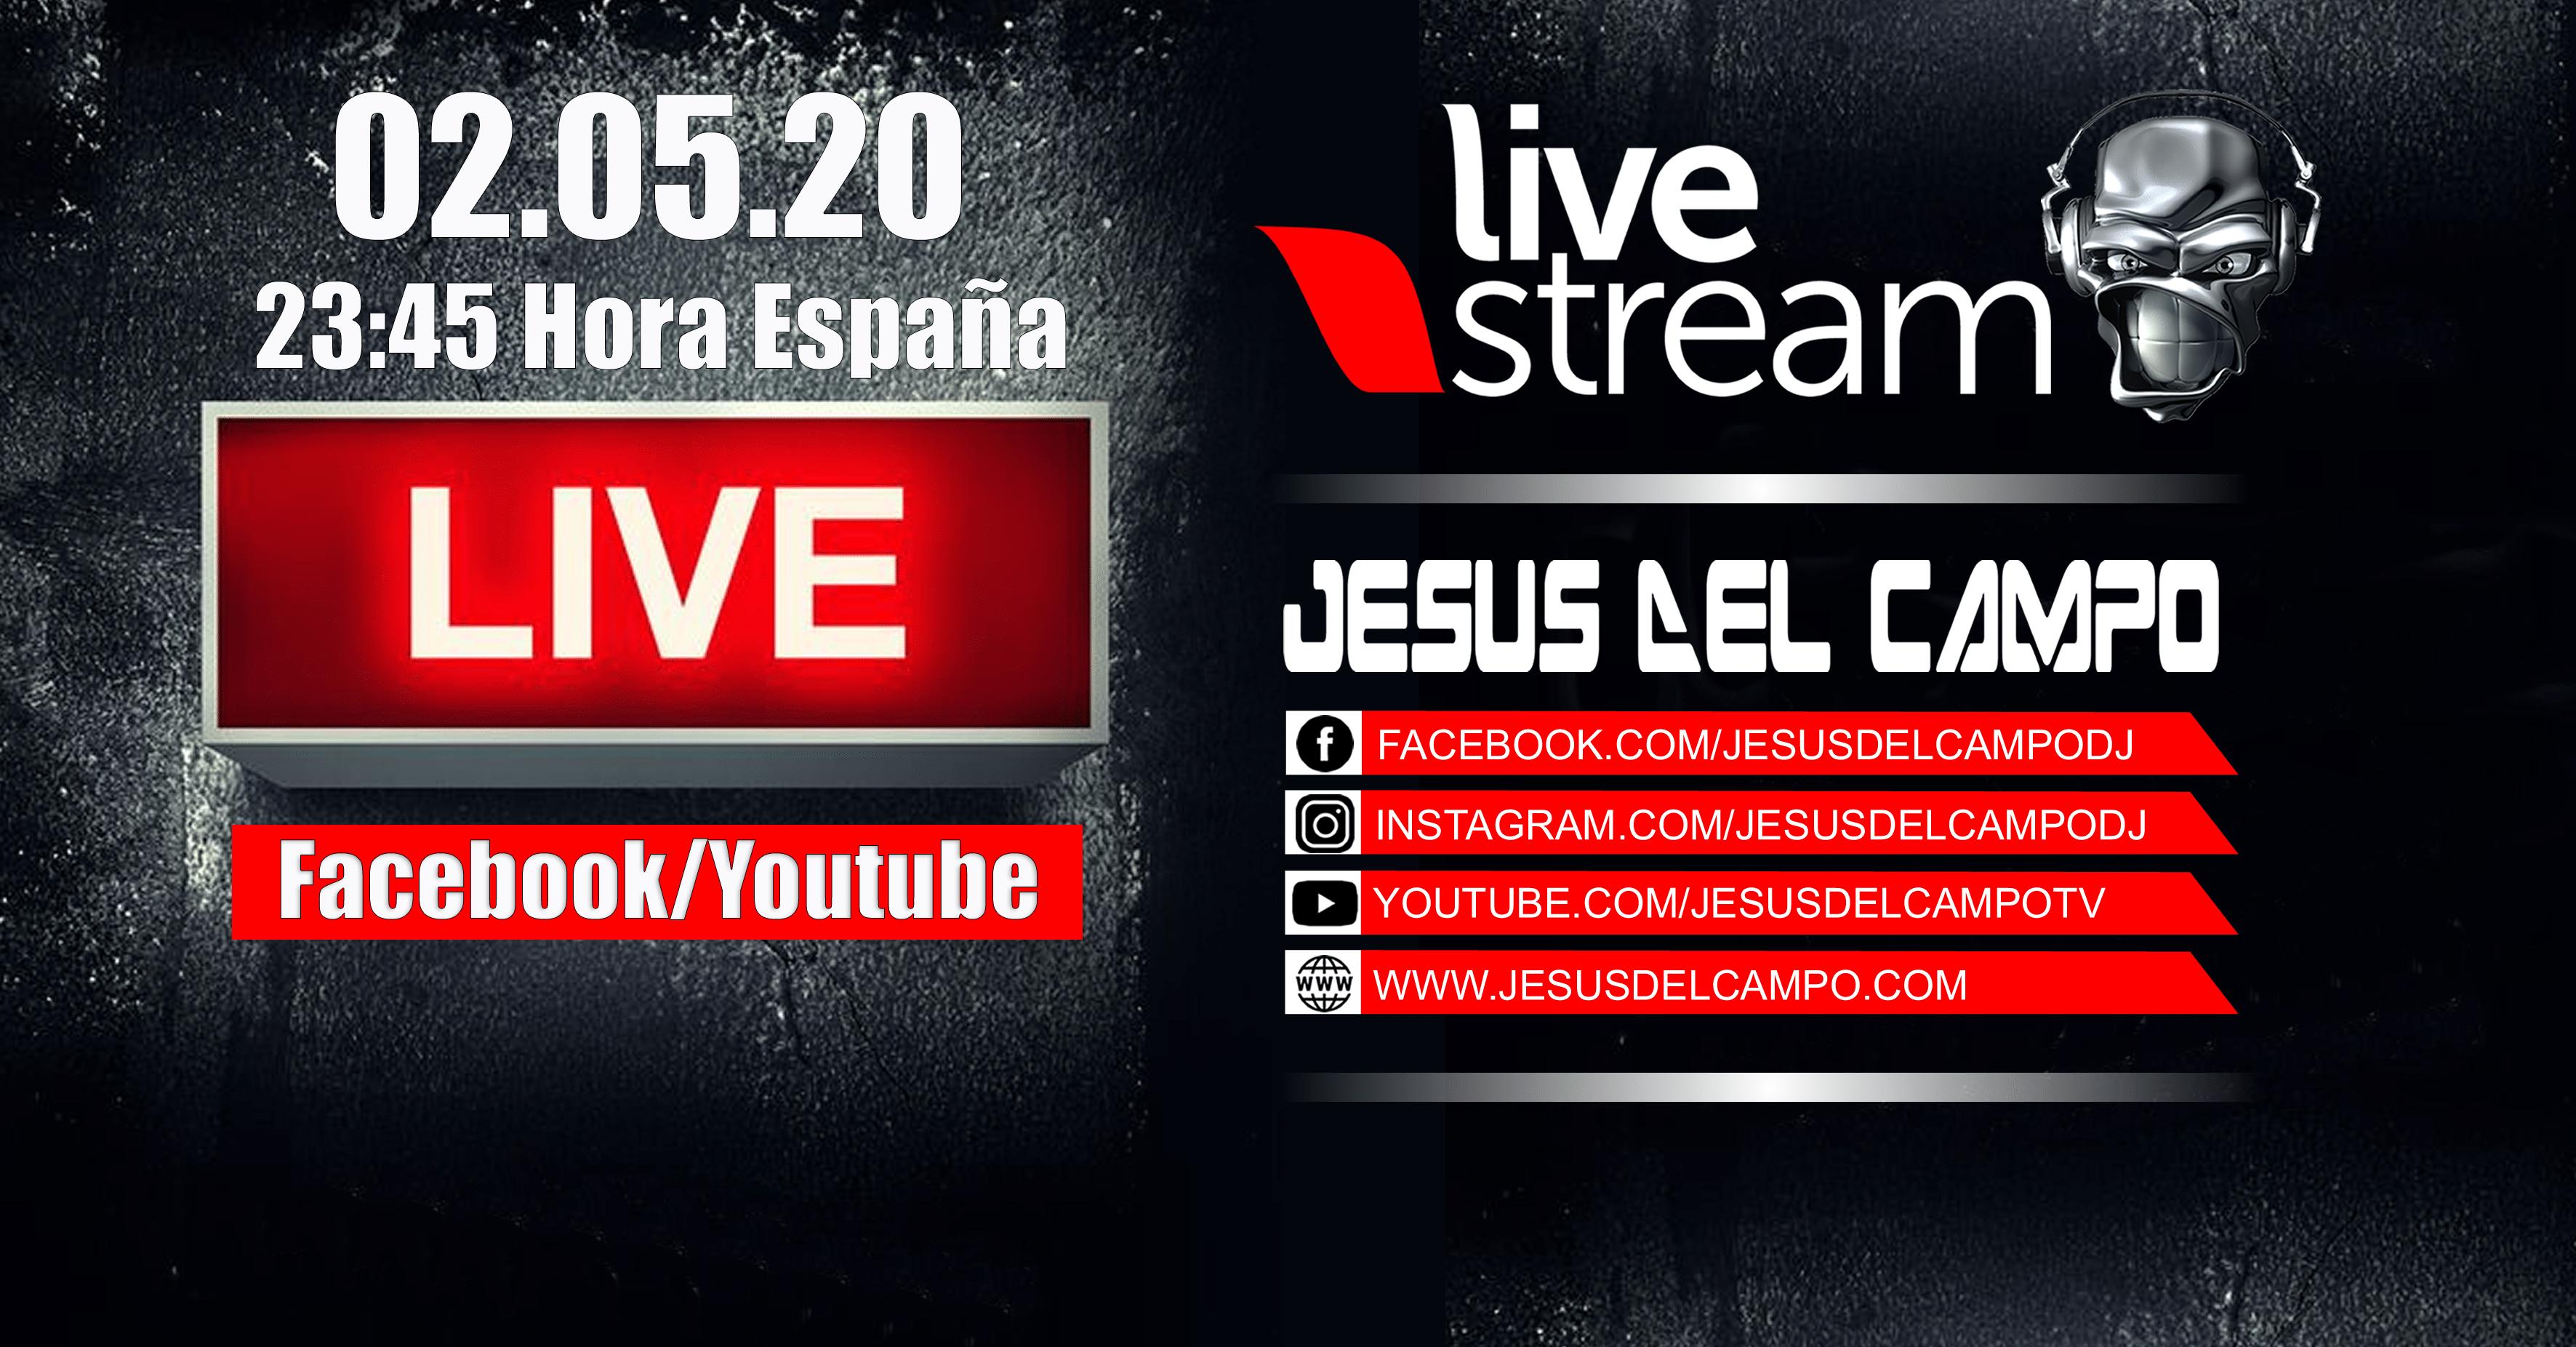 Del Live Tv Stream